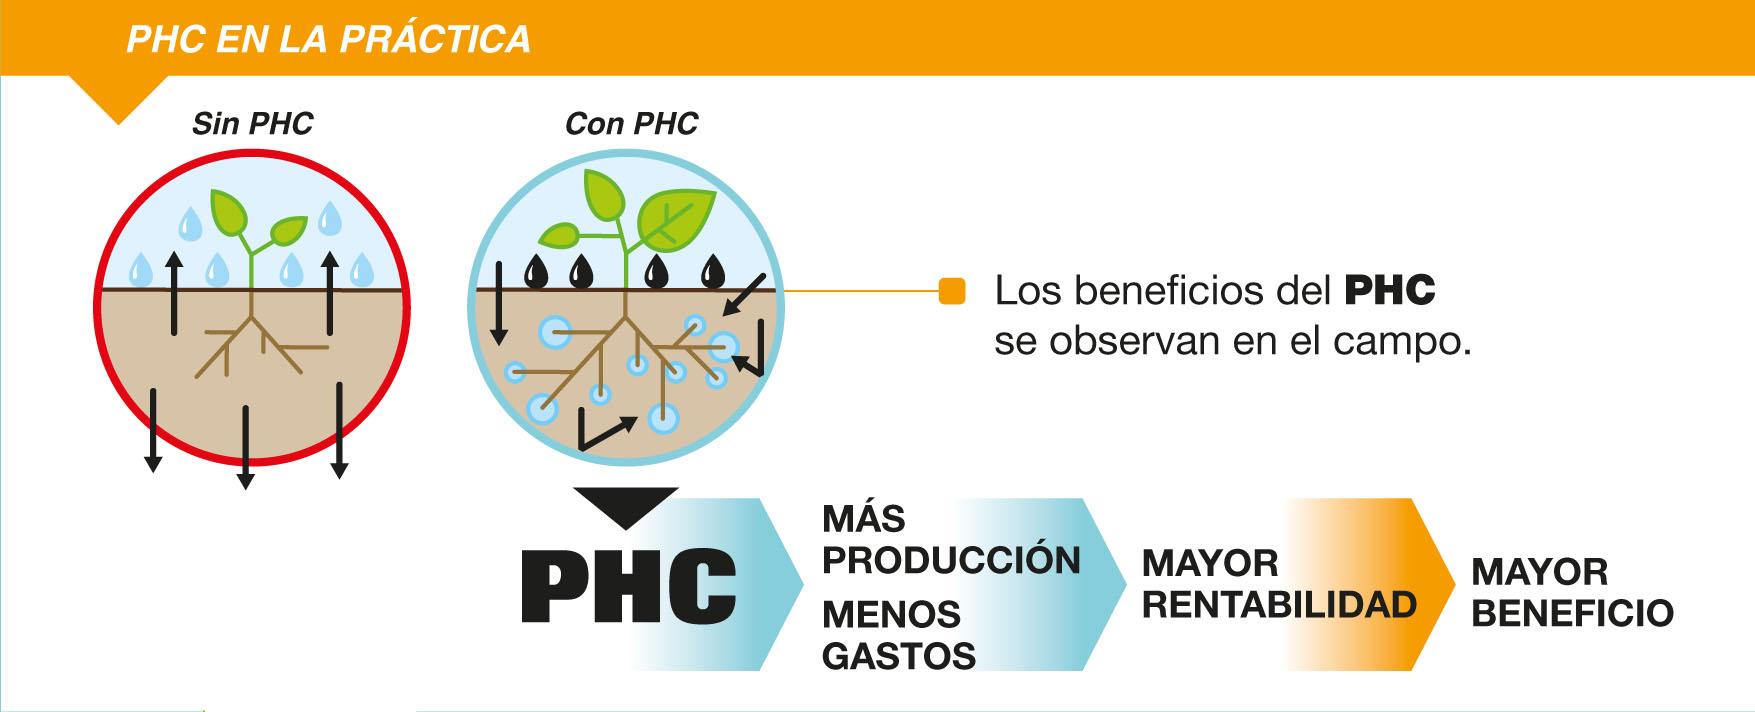 DipticPHC